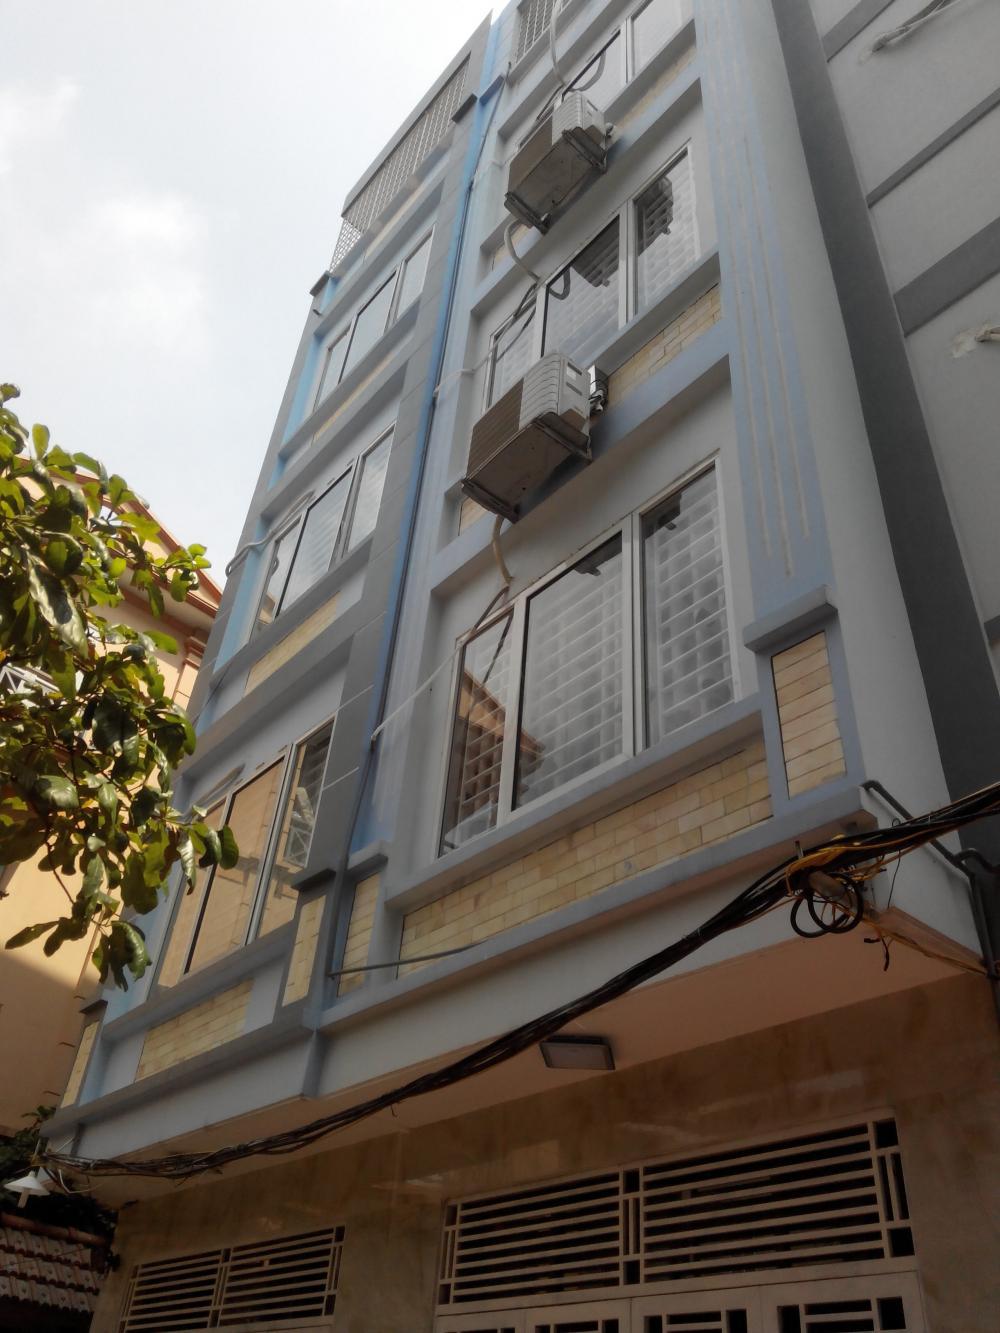 Bán nhà 33m2 x 5 tầng tại làng Lụa Vạn Phúc, quận Hà Đông, gần đường Tố Hữu. 4024026